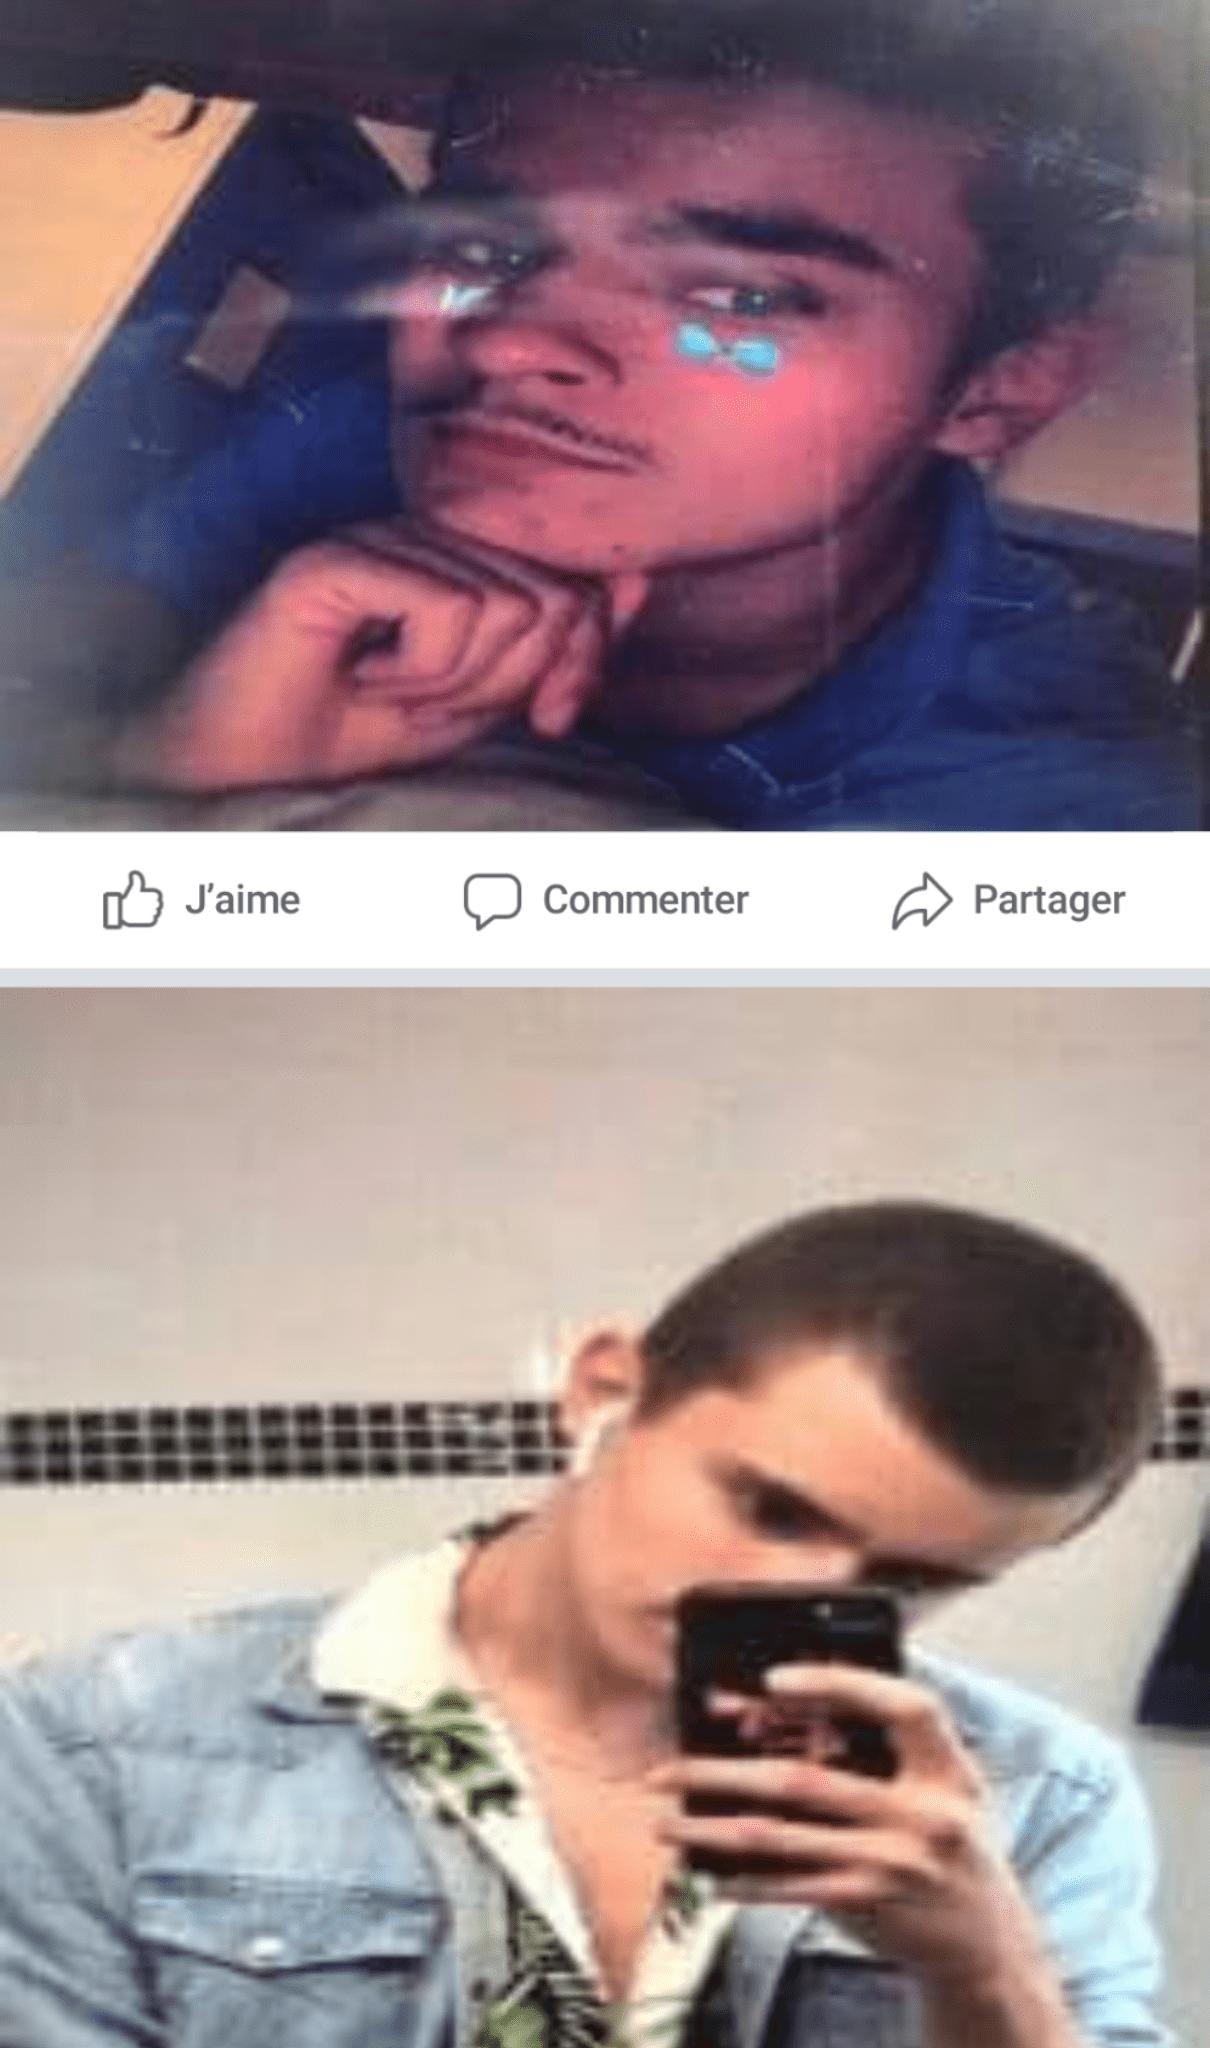 Toulouse disparition inquiétante, appel de la gendarmerie